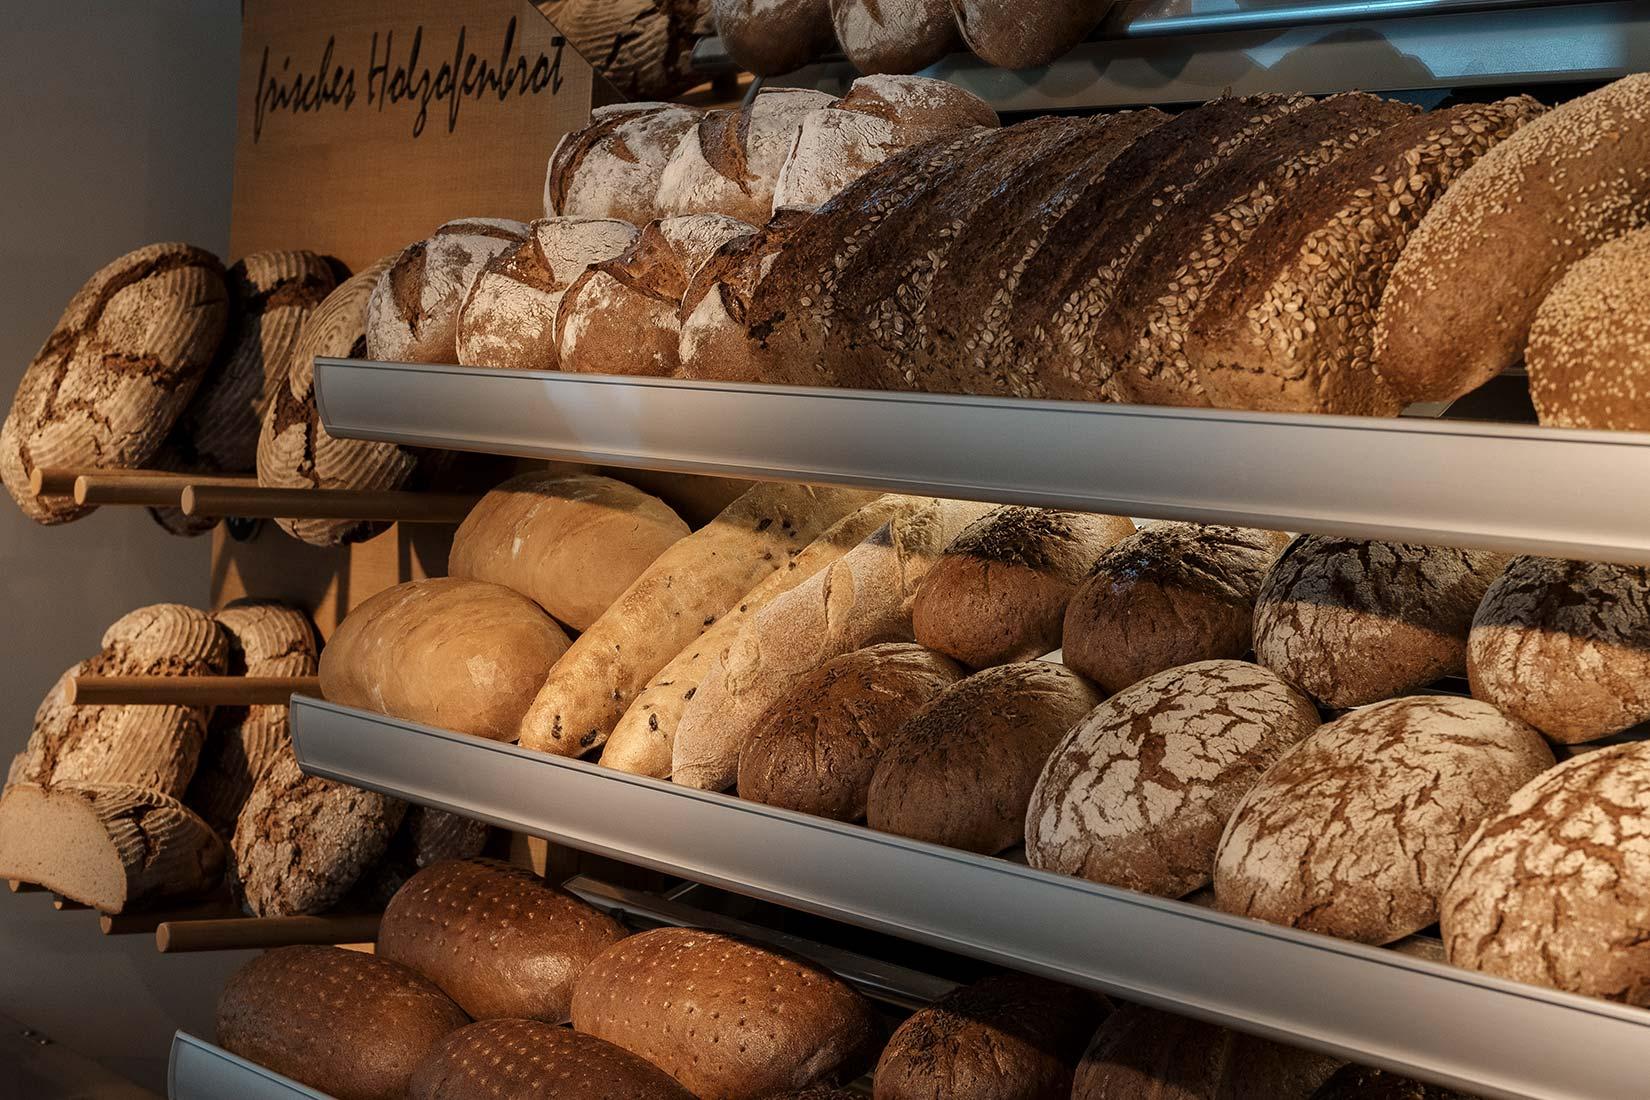 Brot und Backwaren frisch aus dem Ofen